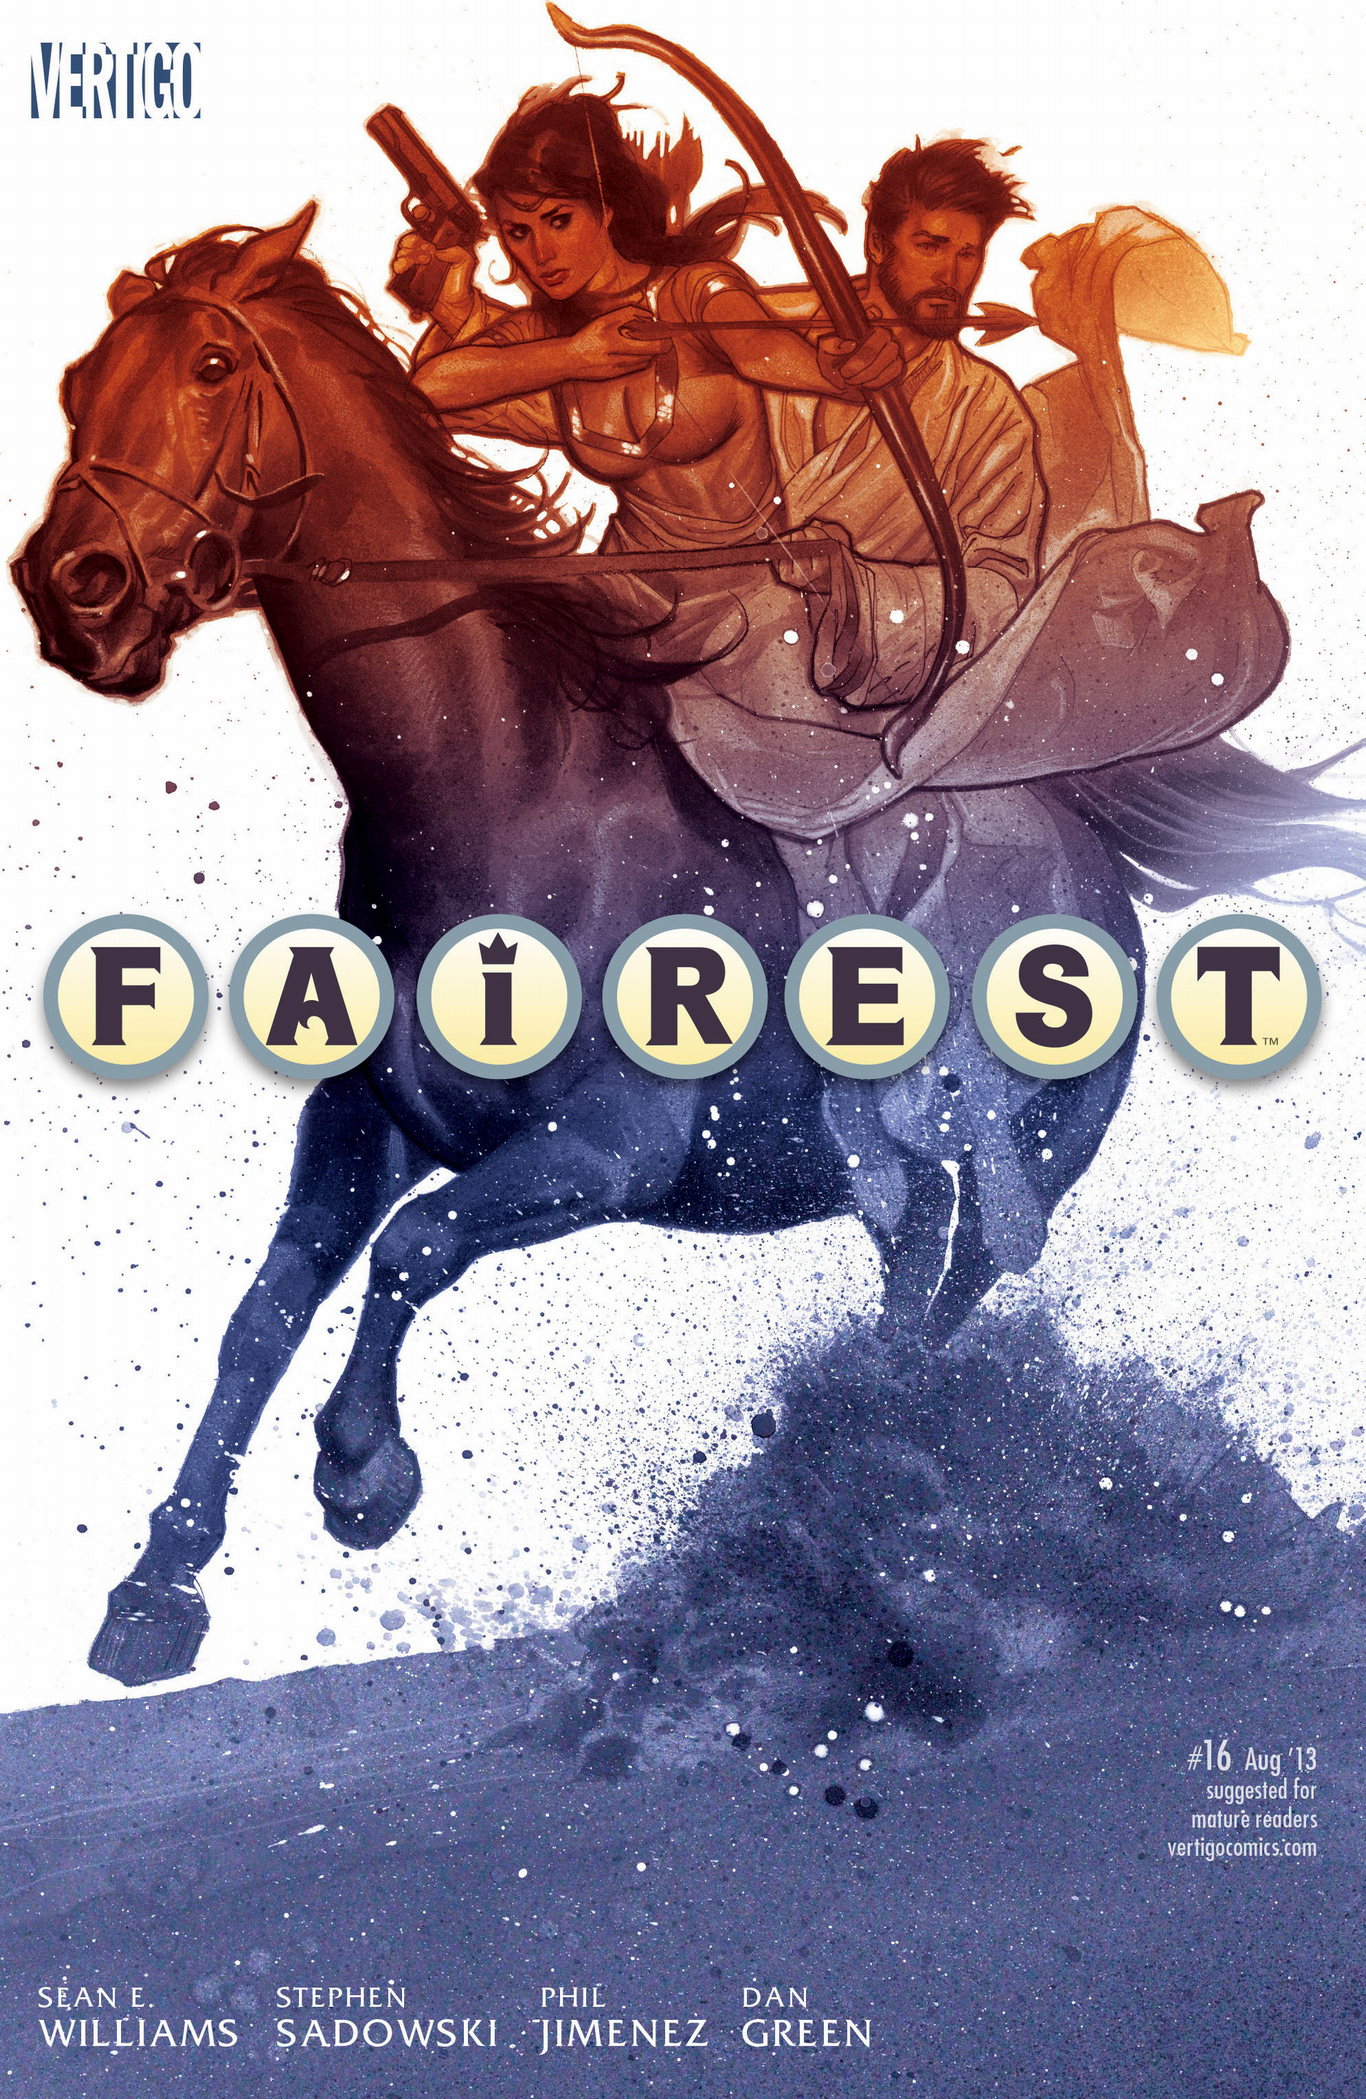 fairest16